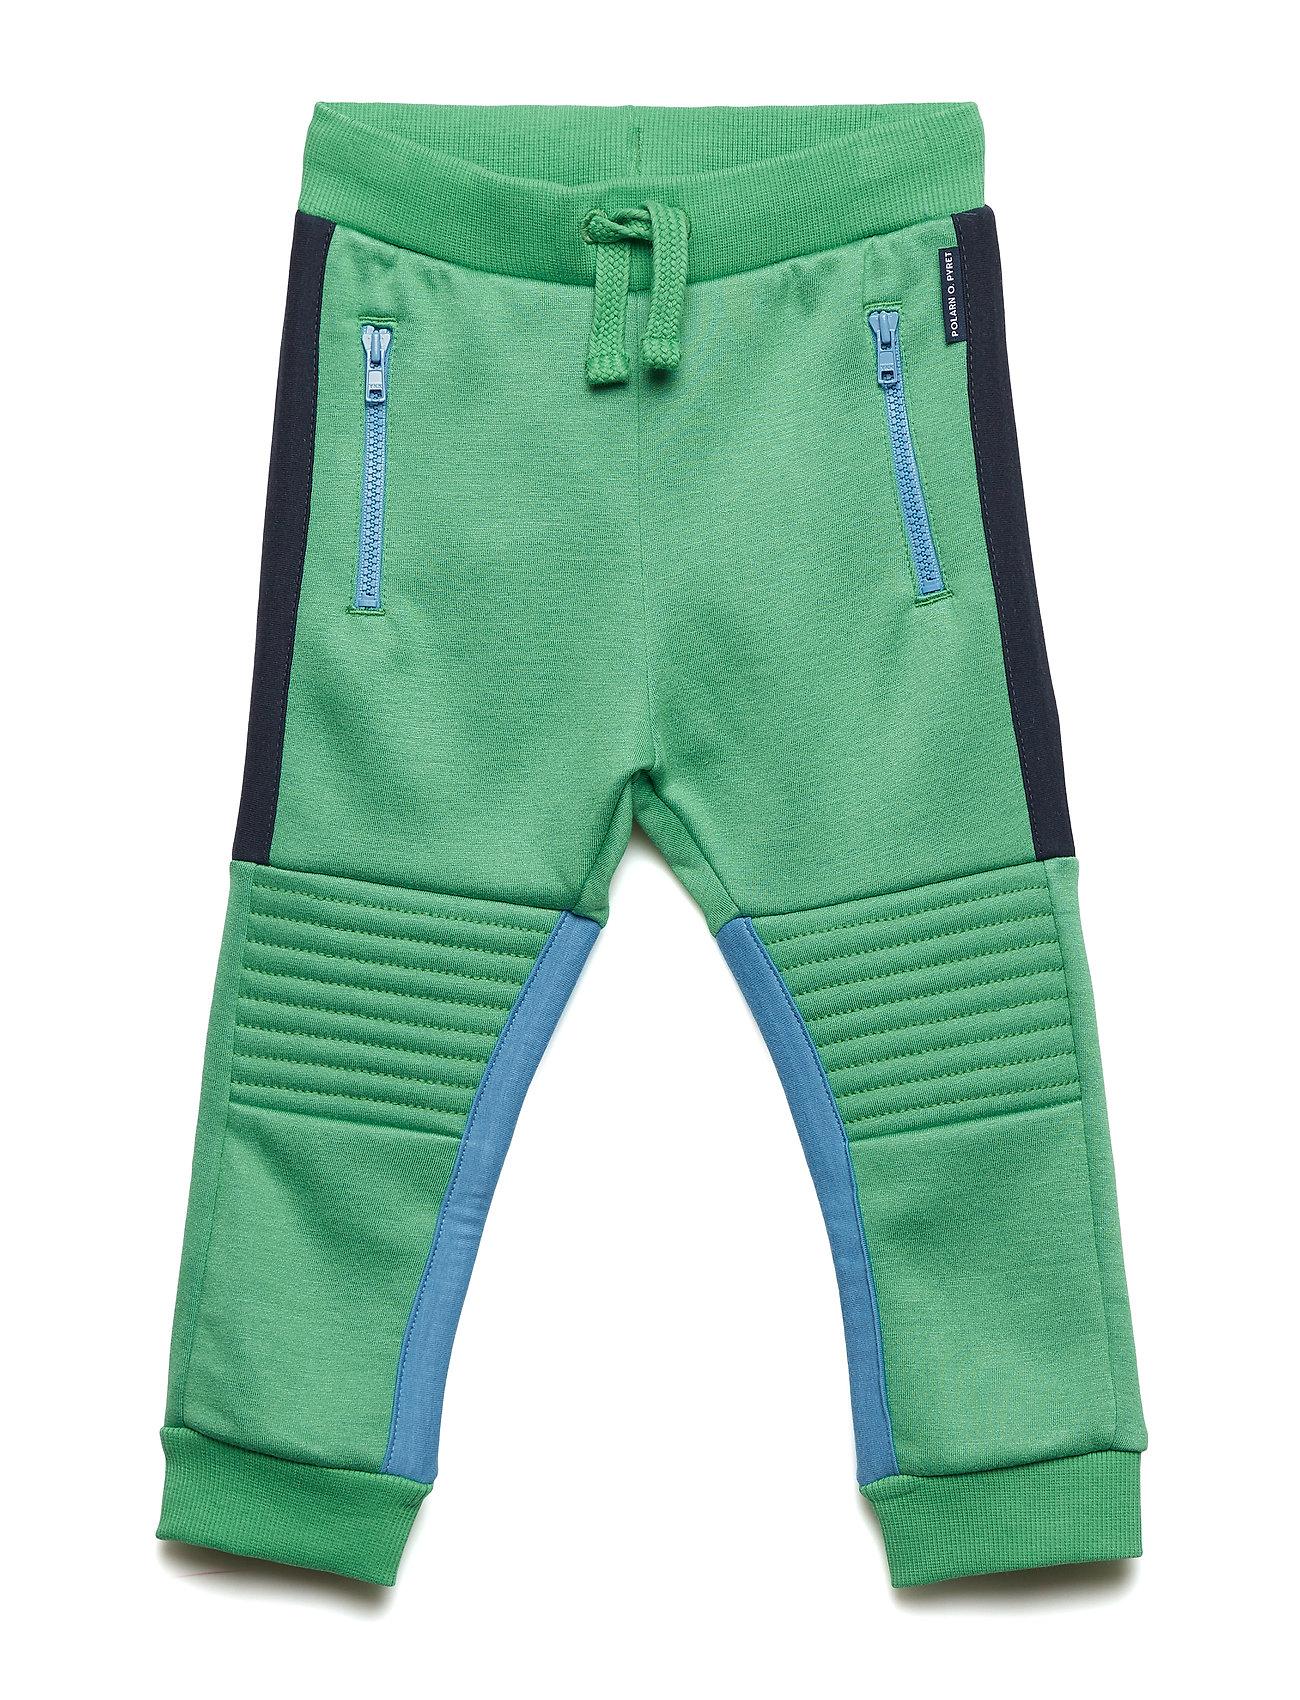 Image of Trouser Jersey W Details Preschool Sweatpants Hyggebukser Grøn POLARN O. PYRET (3217761339)